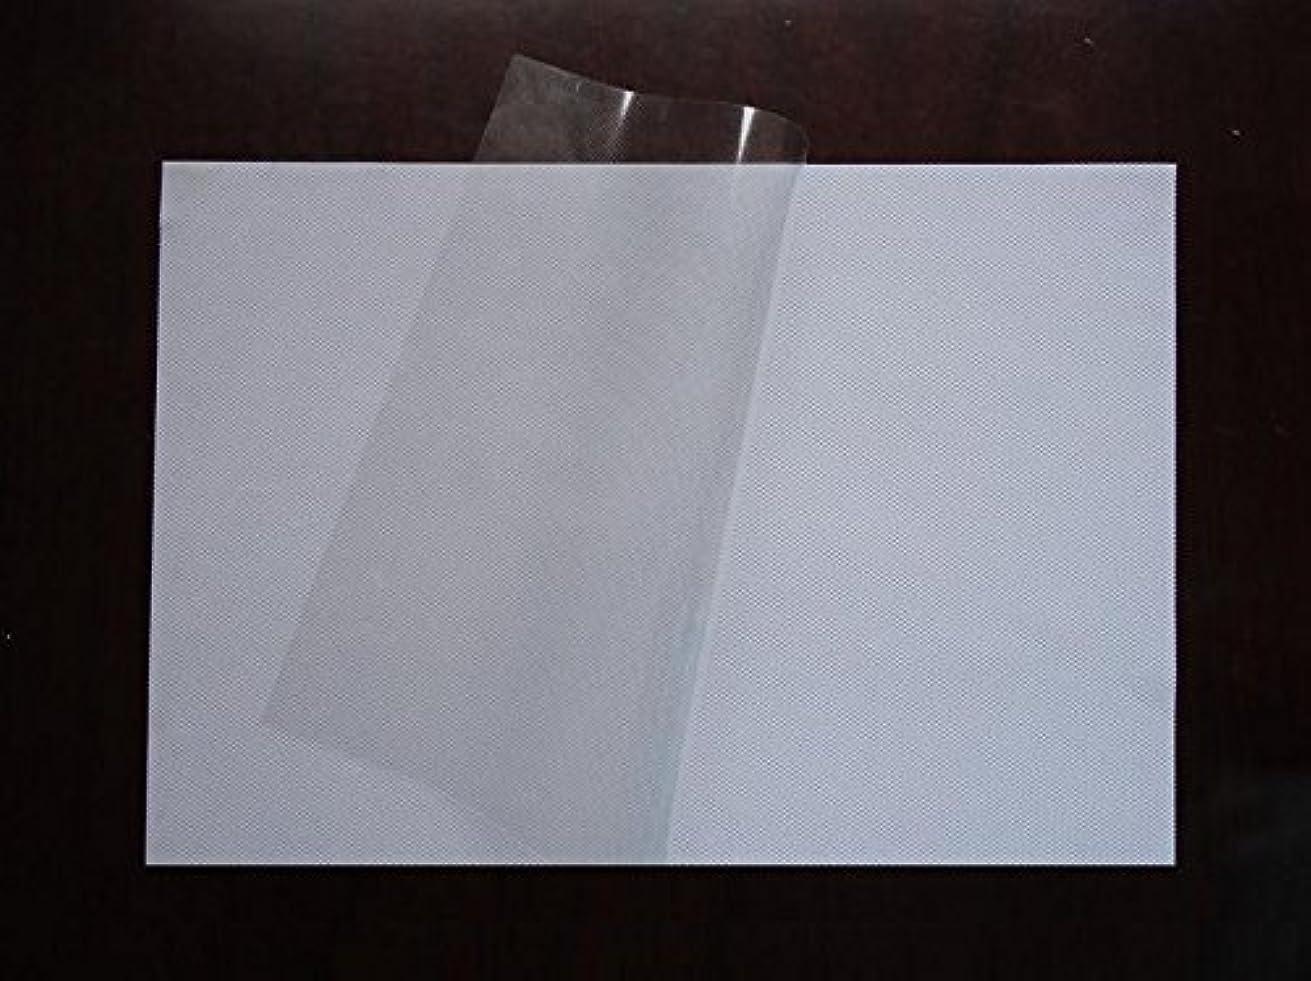 溝基本的な宝ホットフィックス ラインストーン 耐熱 転写シート A4サイズ